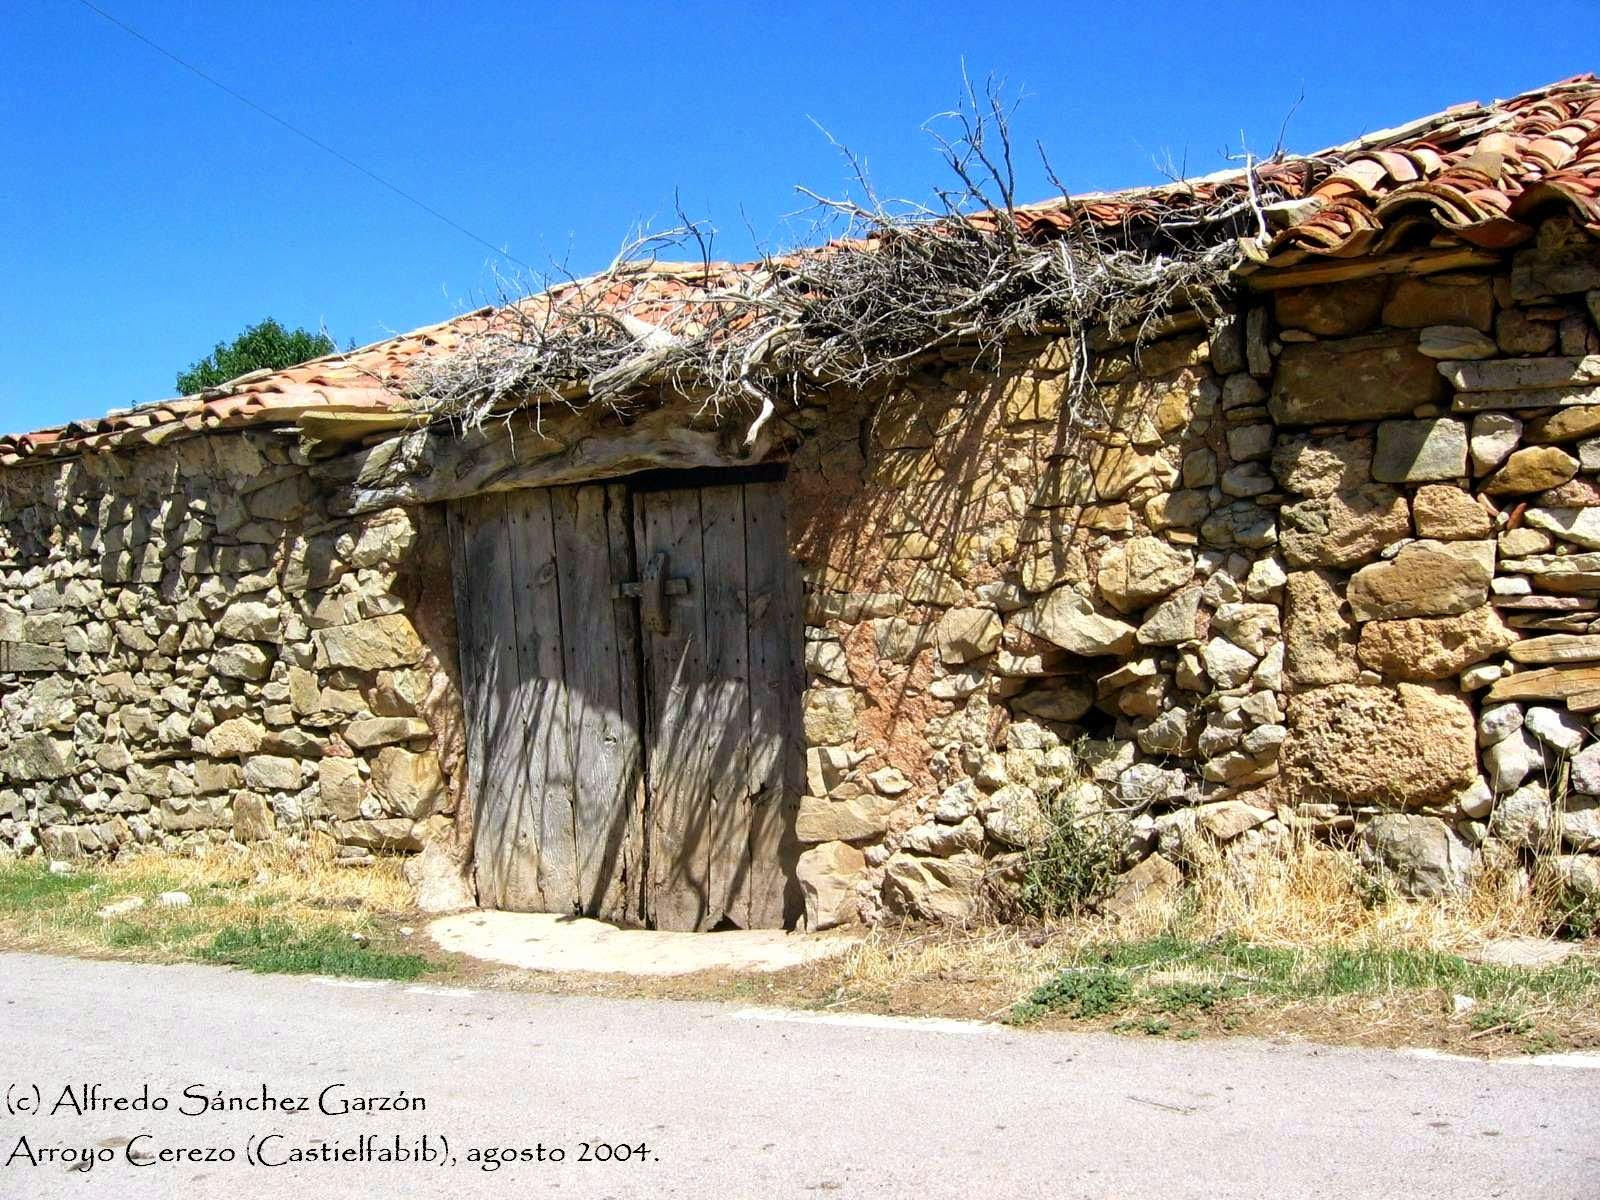 arroyo-cerezo-construccion-tradicional